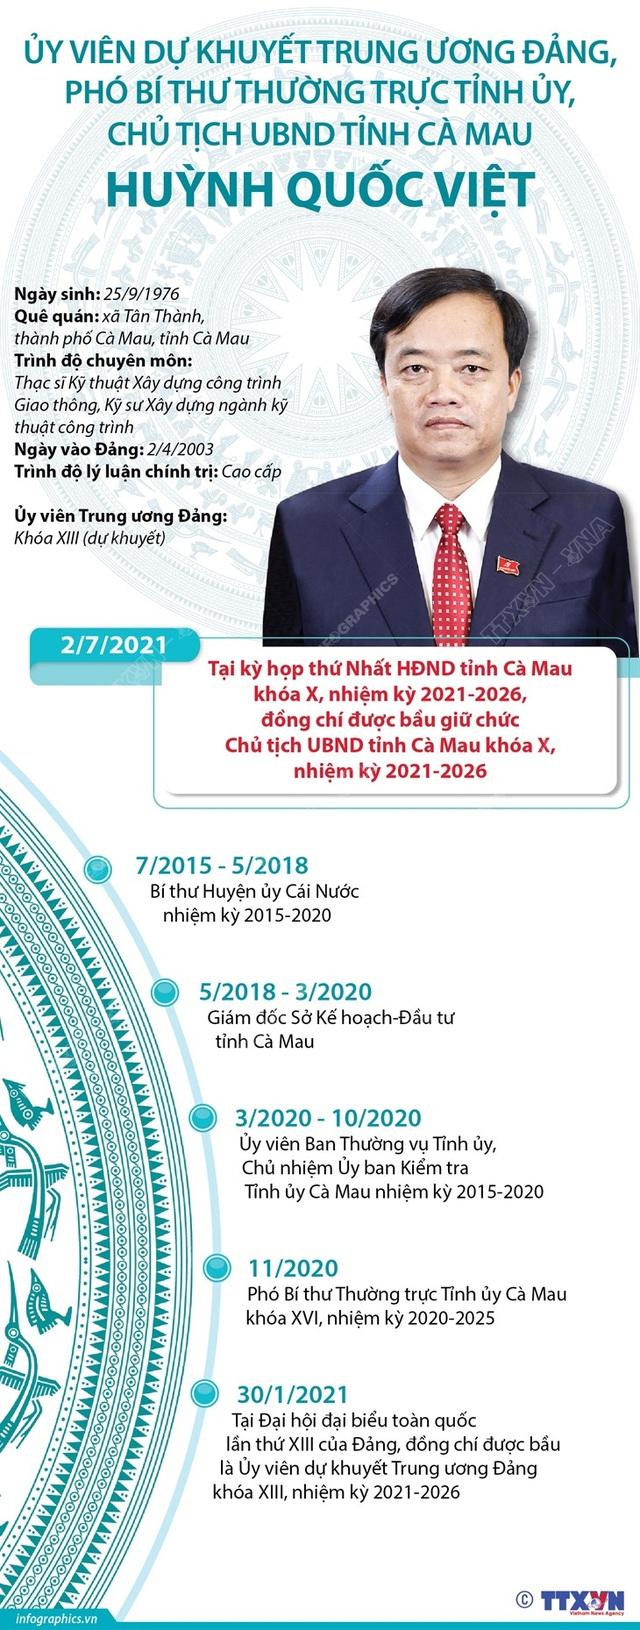 Cà Mau bầu Chủ tịch HĐND và UBND tỉnh - Ảnh 4.